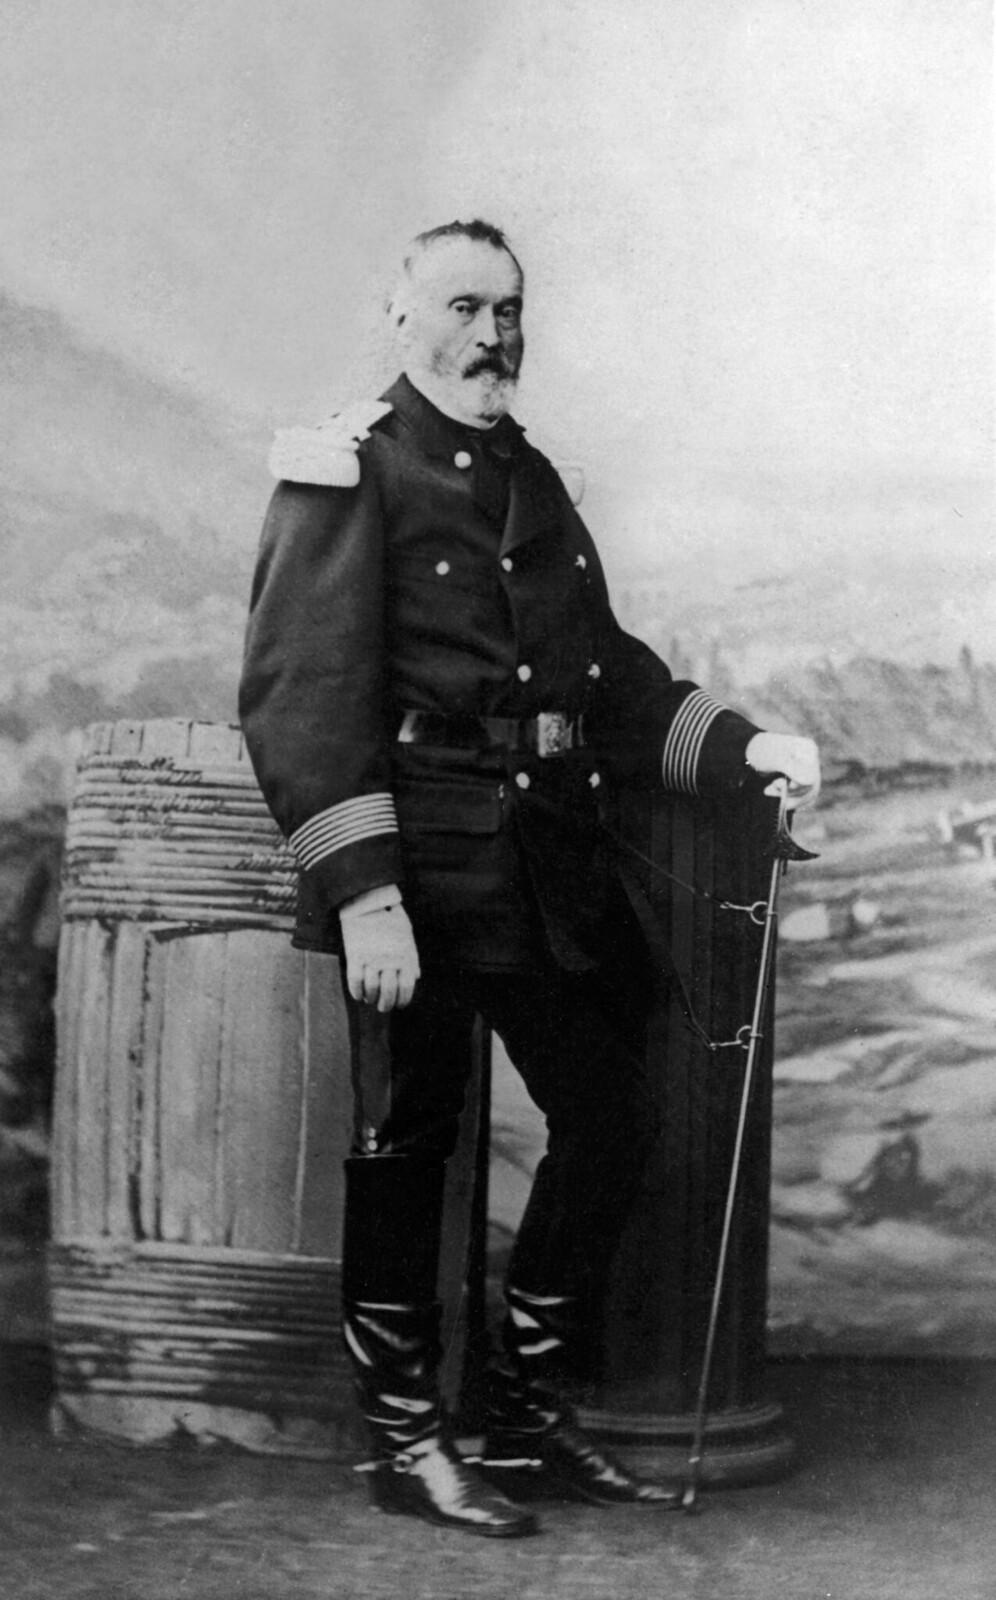 1871. Жак Леонард Клемент Томас (1809-1871) французский генерал, он будет застрелен во время Коммуны Парижа